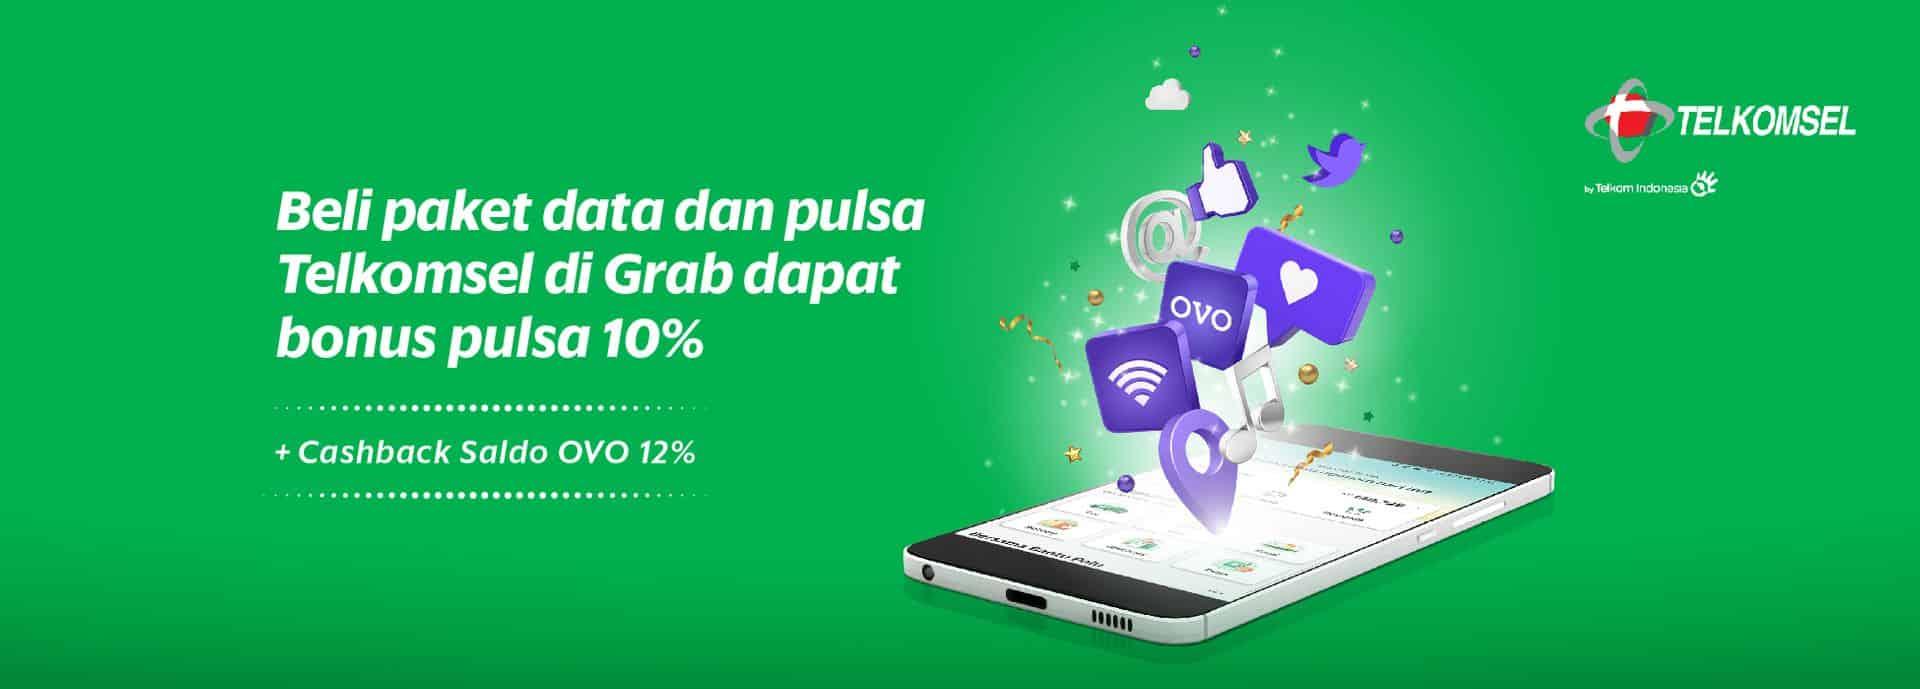 Liburan Makin Seru Beli Paket Data Dan Pulsa Telkomsel Di Grab